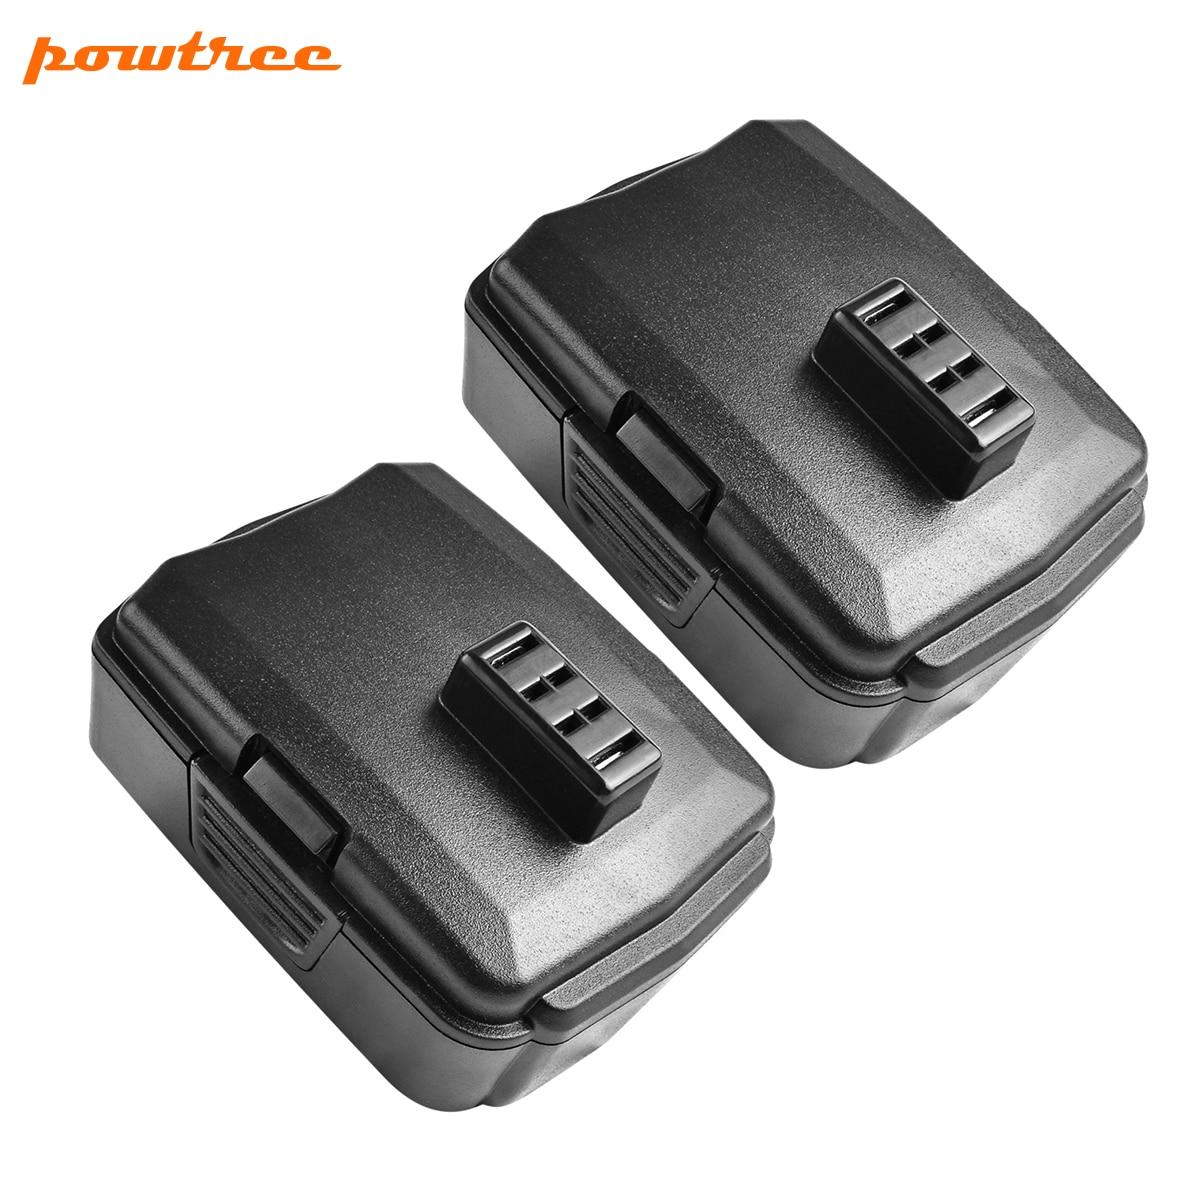 Powtree 1.5Ah CB120L batterie Pour Ryobi 12B 130503001,130503005, CB120L BPL-1220, HJP001, HJP001K, HJP002 HP612K JG001 LSD-1201PB L10Powtree 1.5Ah CB120L batterie Pour Ryobi 12B 130503001,130503005, CB120L BPL-1220, HJP001, HJP001K, HJP002 HP612K JG001 LSD-1201PB L10